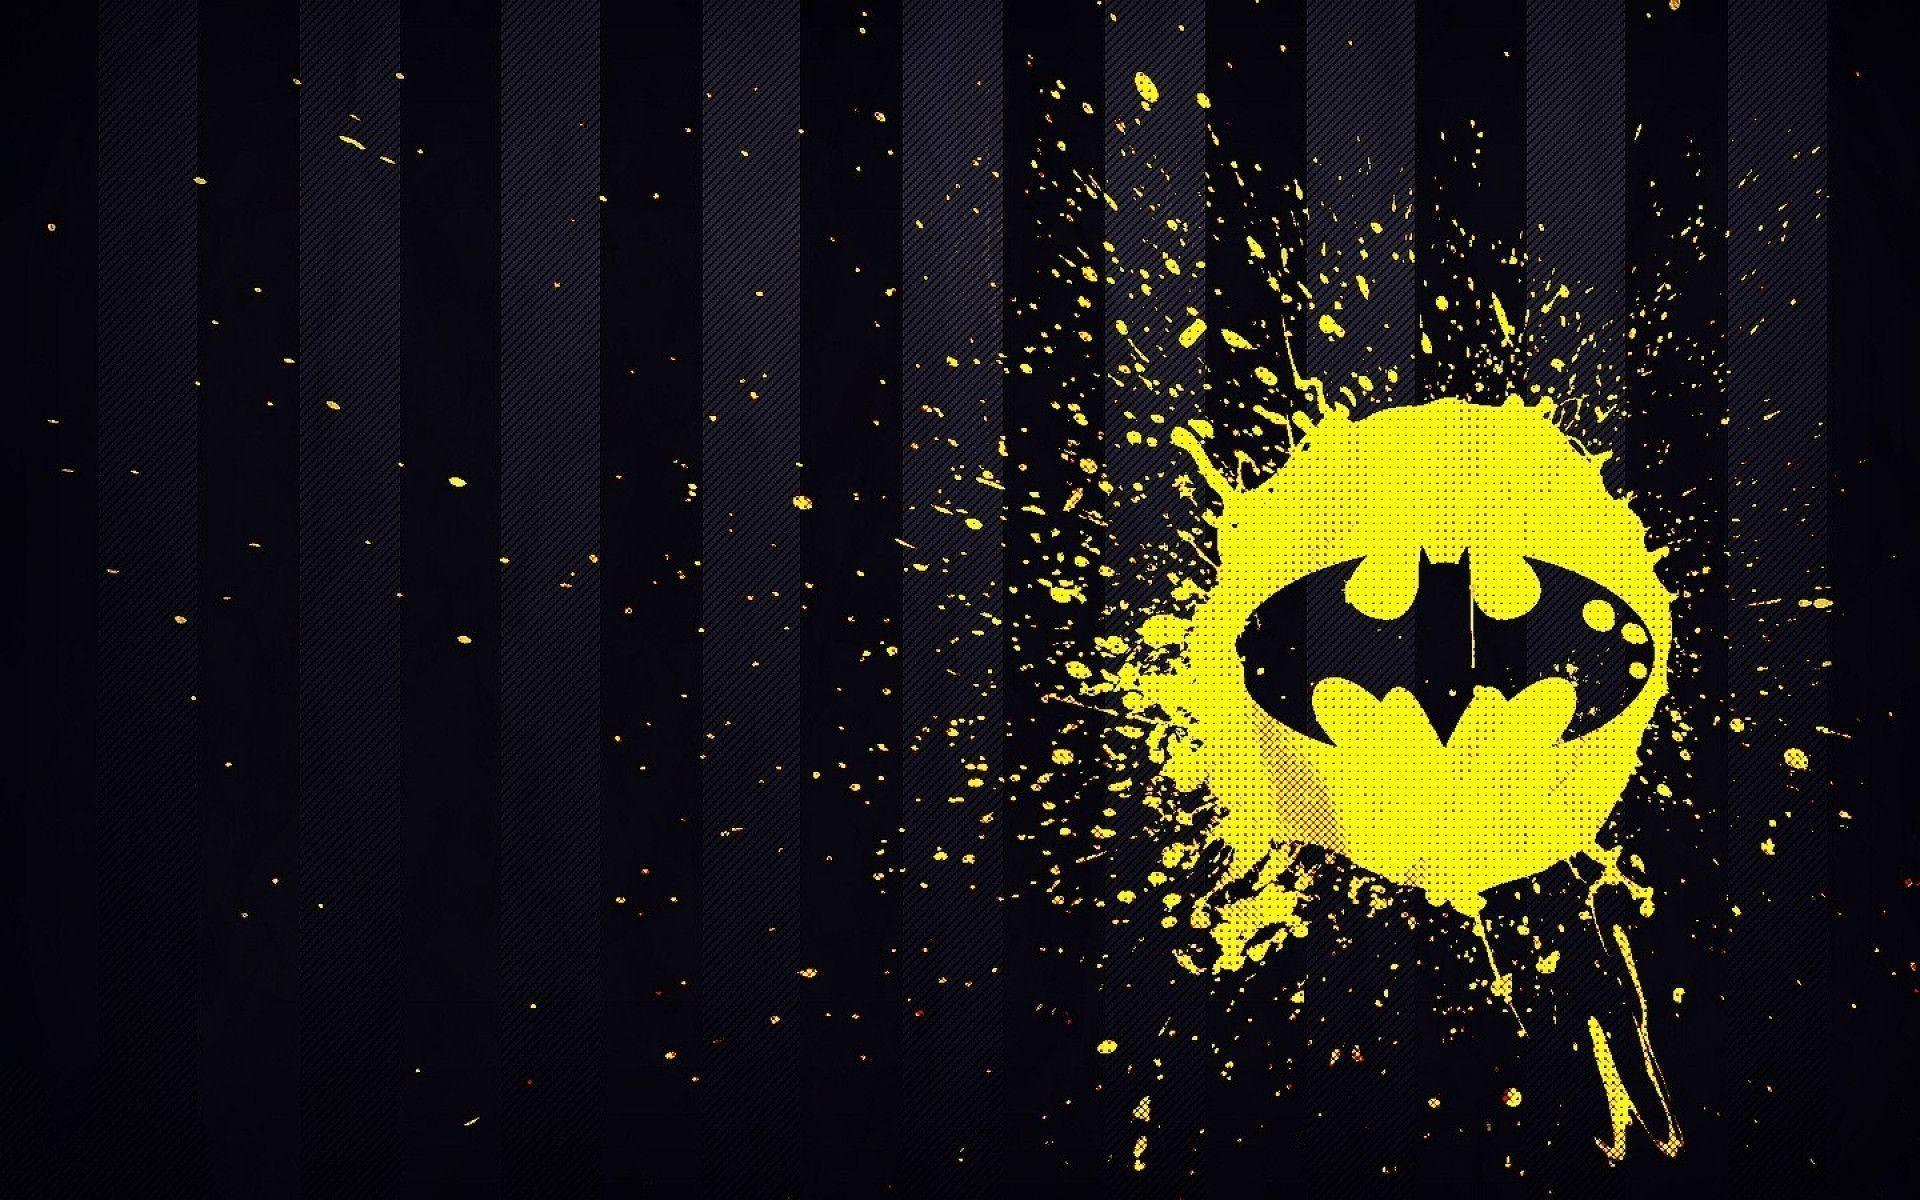 bat symbol wallpapers wallpaper cave